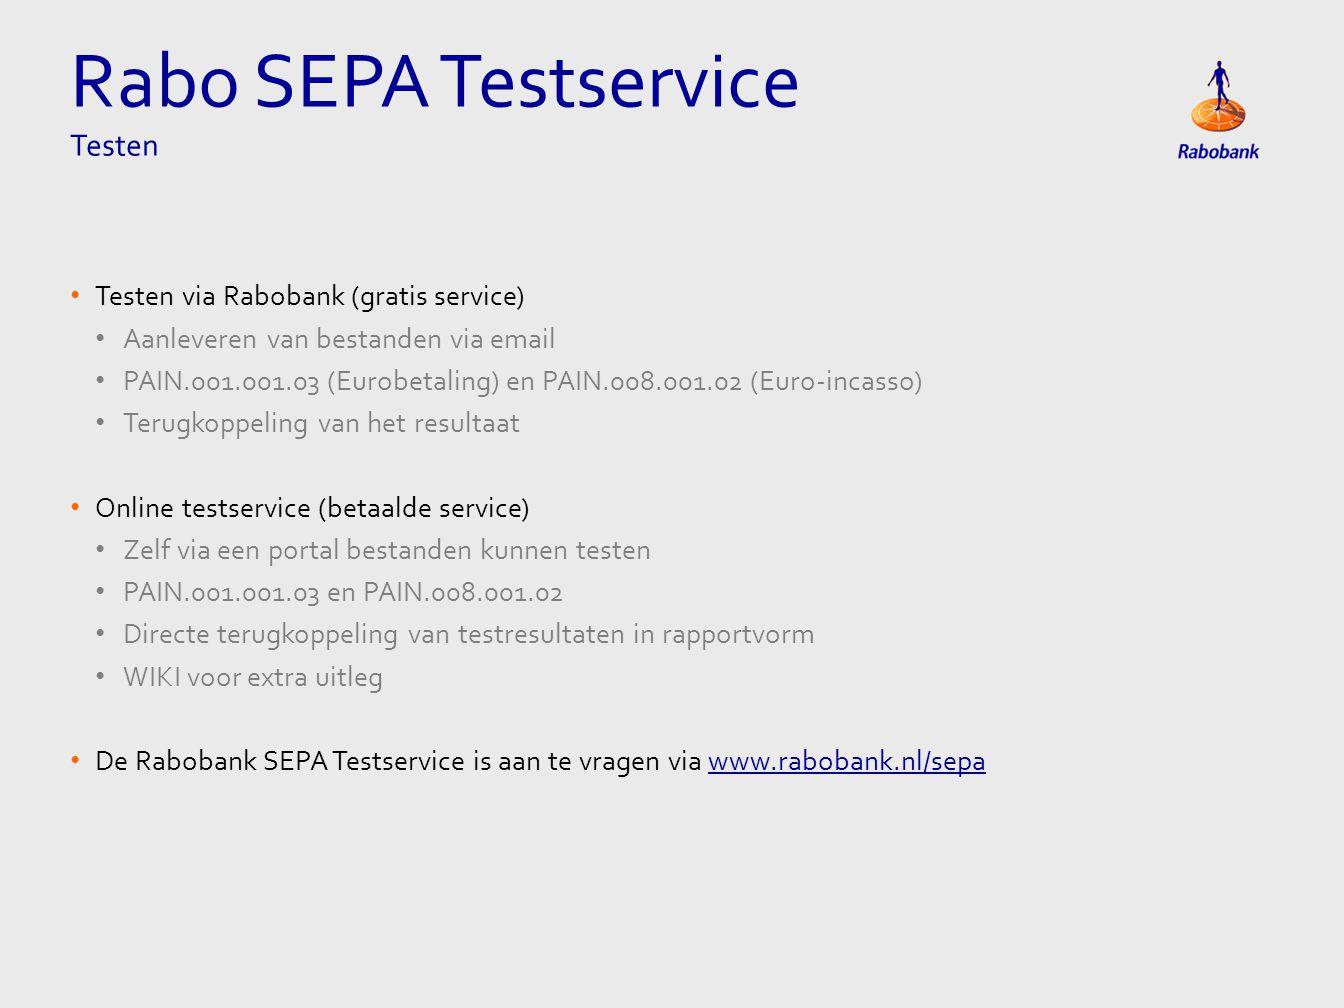 • Testen via Rabobank (gratis service) • Aanleveren van bestanden via email • PAIN.001.001.03 (Eurobetaling) en PAIN.008.001.02 (Euro-incasso) • Terug